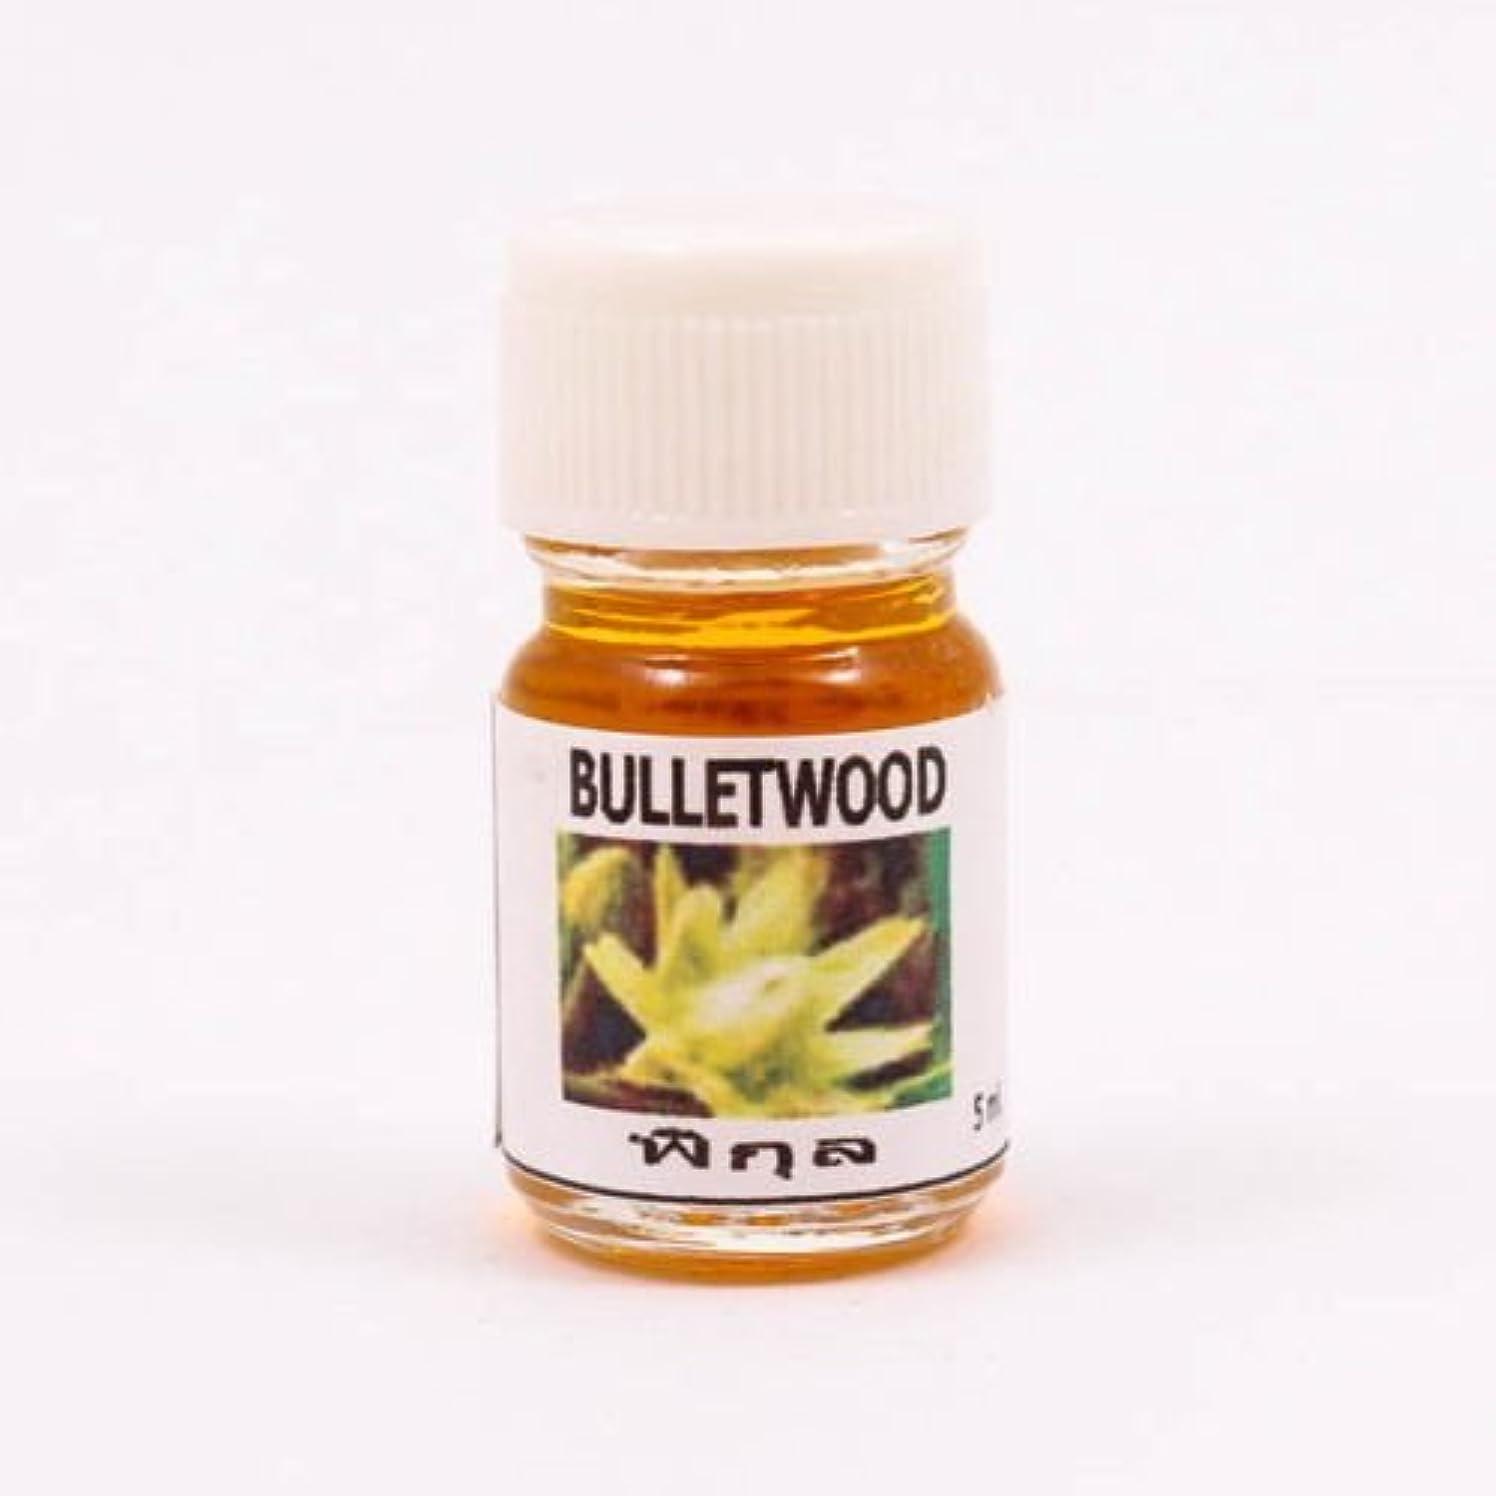 アーカイブ彼らのもの最大6X Bulletwood Aroma Fragrance Essential Oil 5ML. Diffuser Burner Therapy